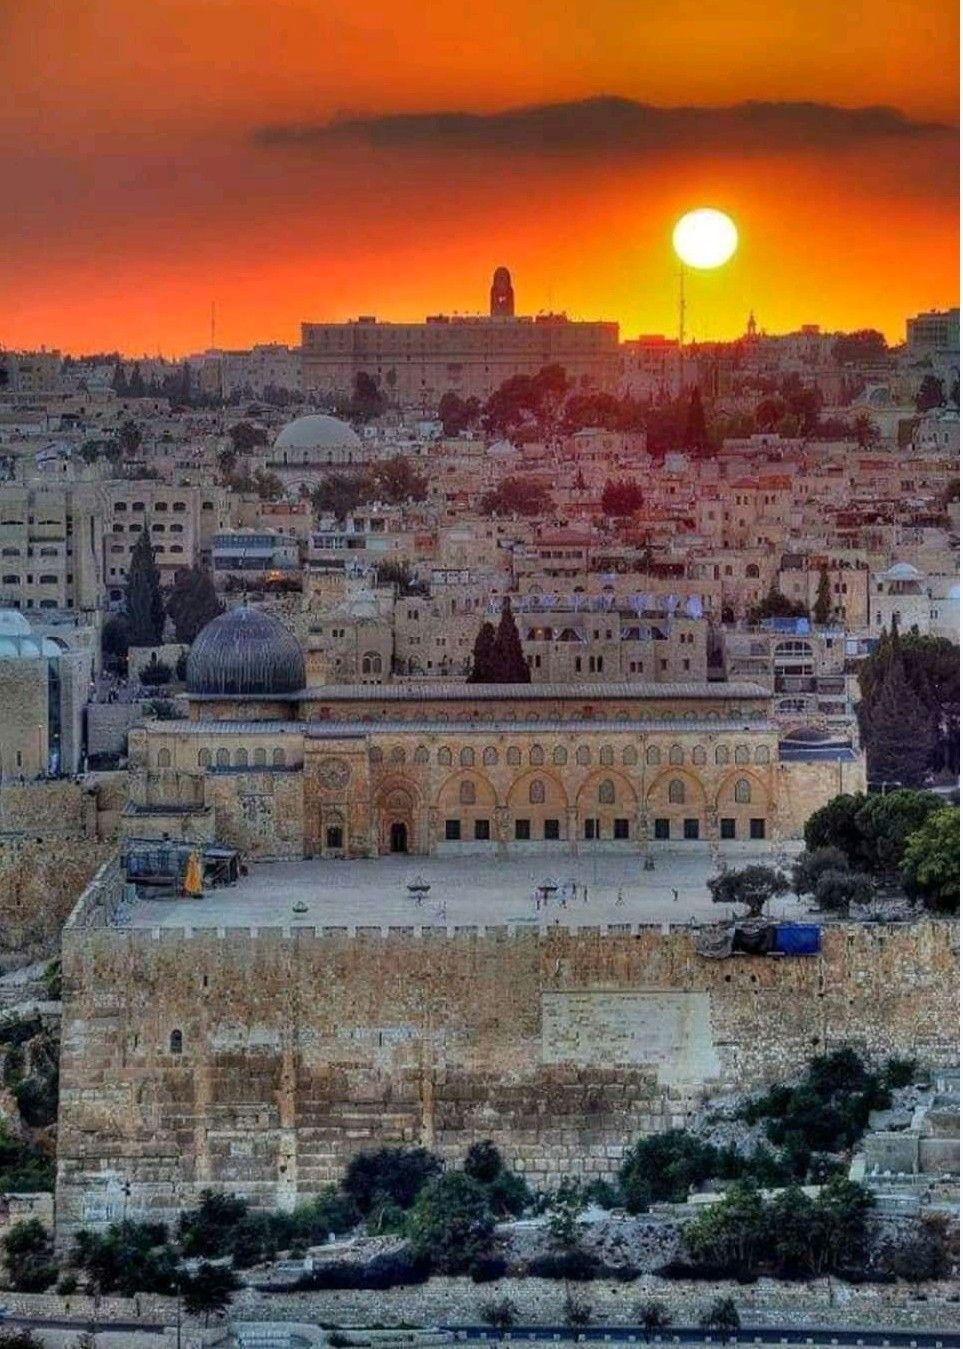 La Plus Vieille Ville Du Monde : vieille, ville, monde, Qasmieh, Al-Quds, Jerusalem, Palestine, Israel,, Israel, Travel,, Places, Visit